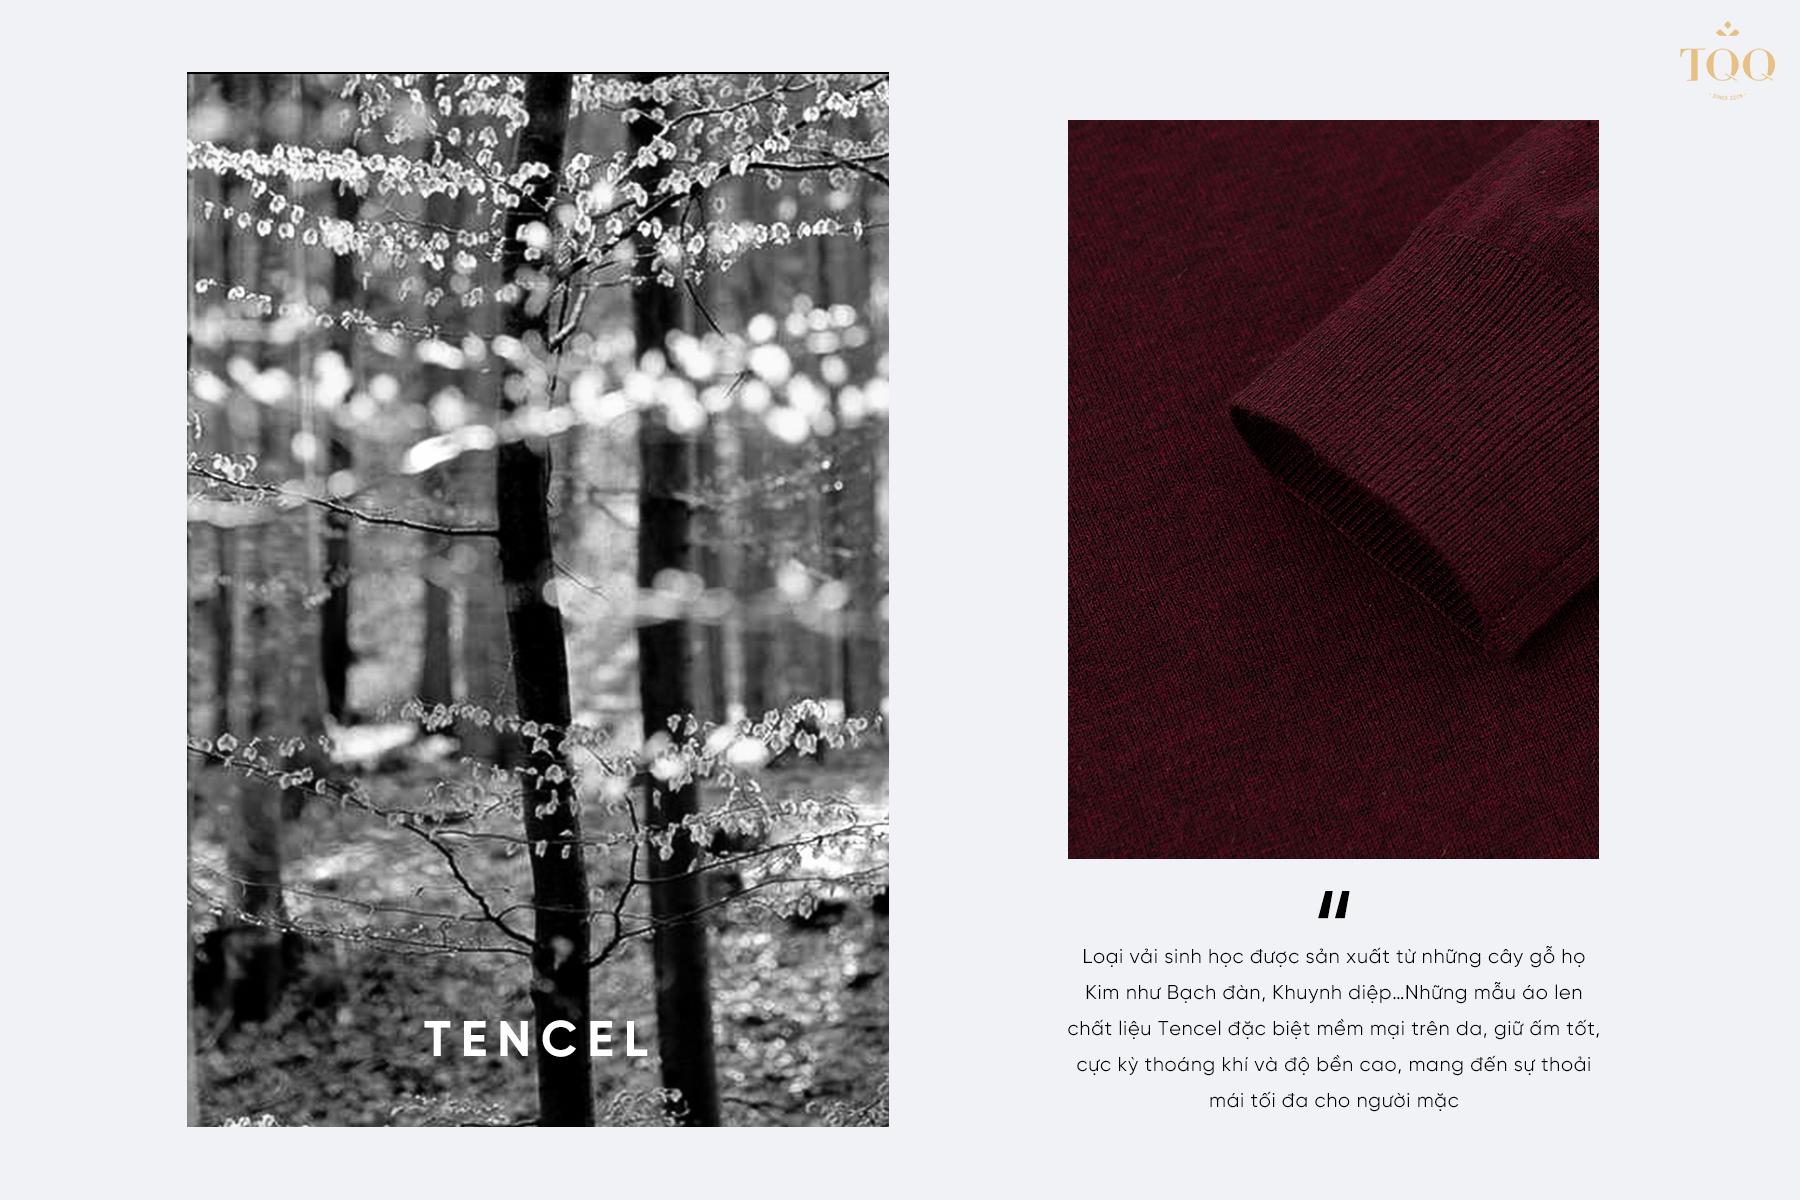 ưu điểm của vải tencel